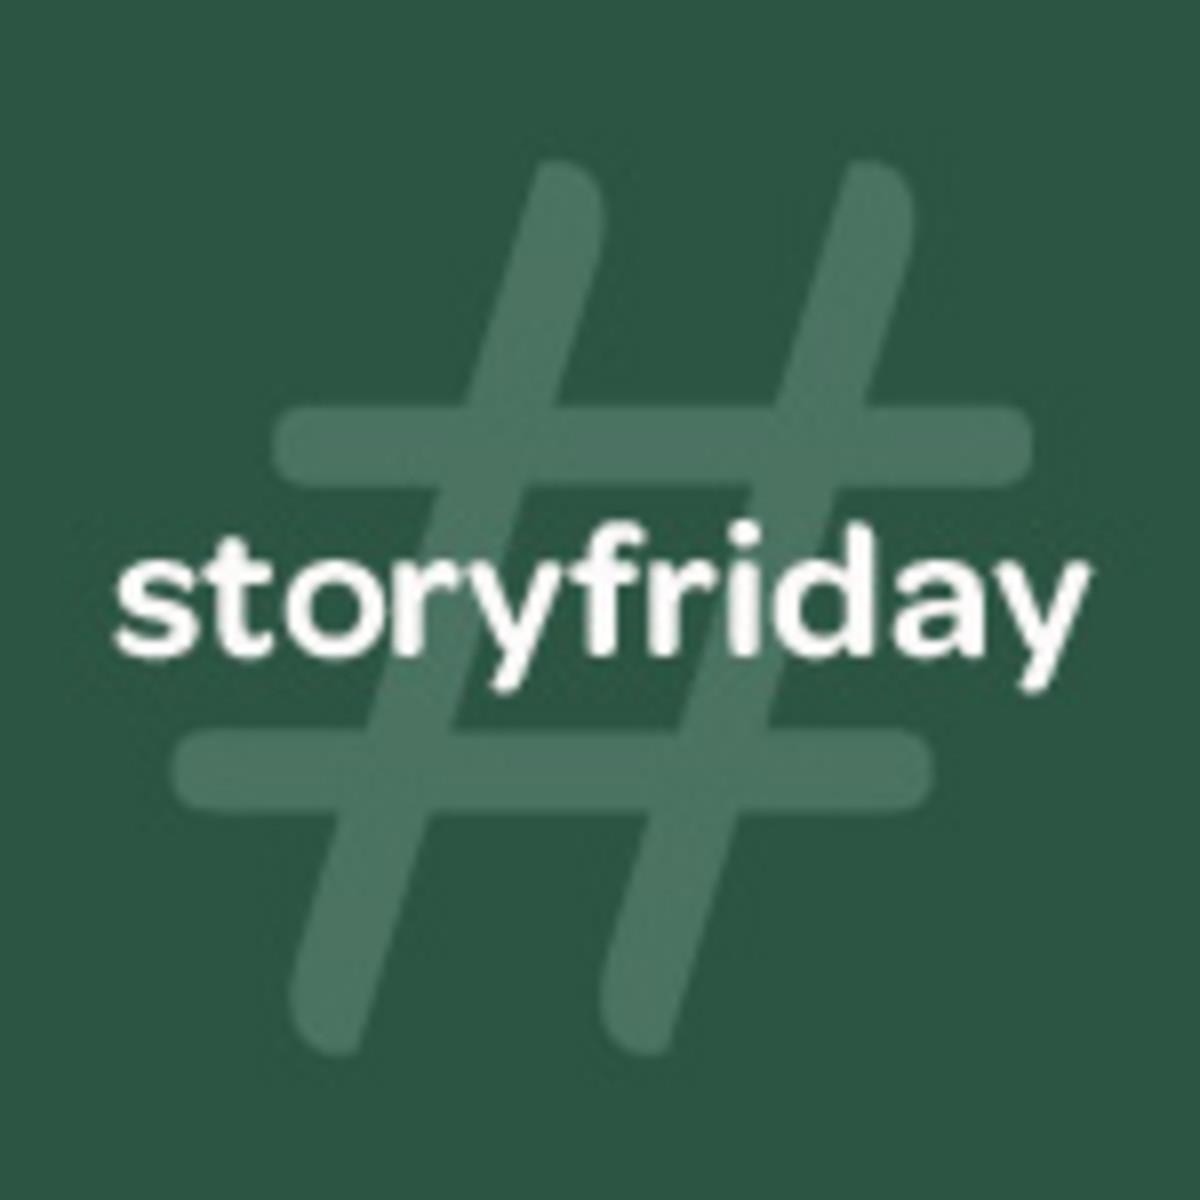 StoryFriday-green